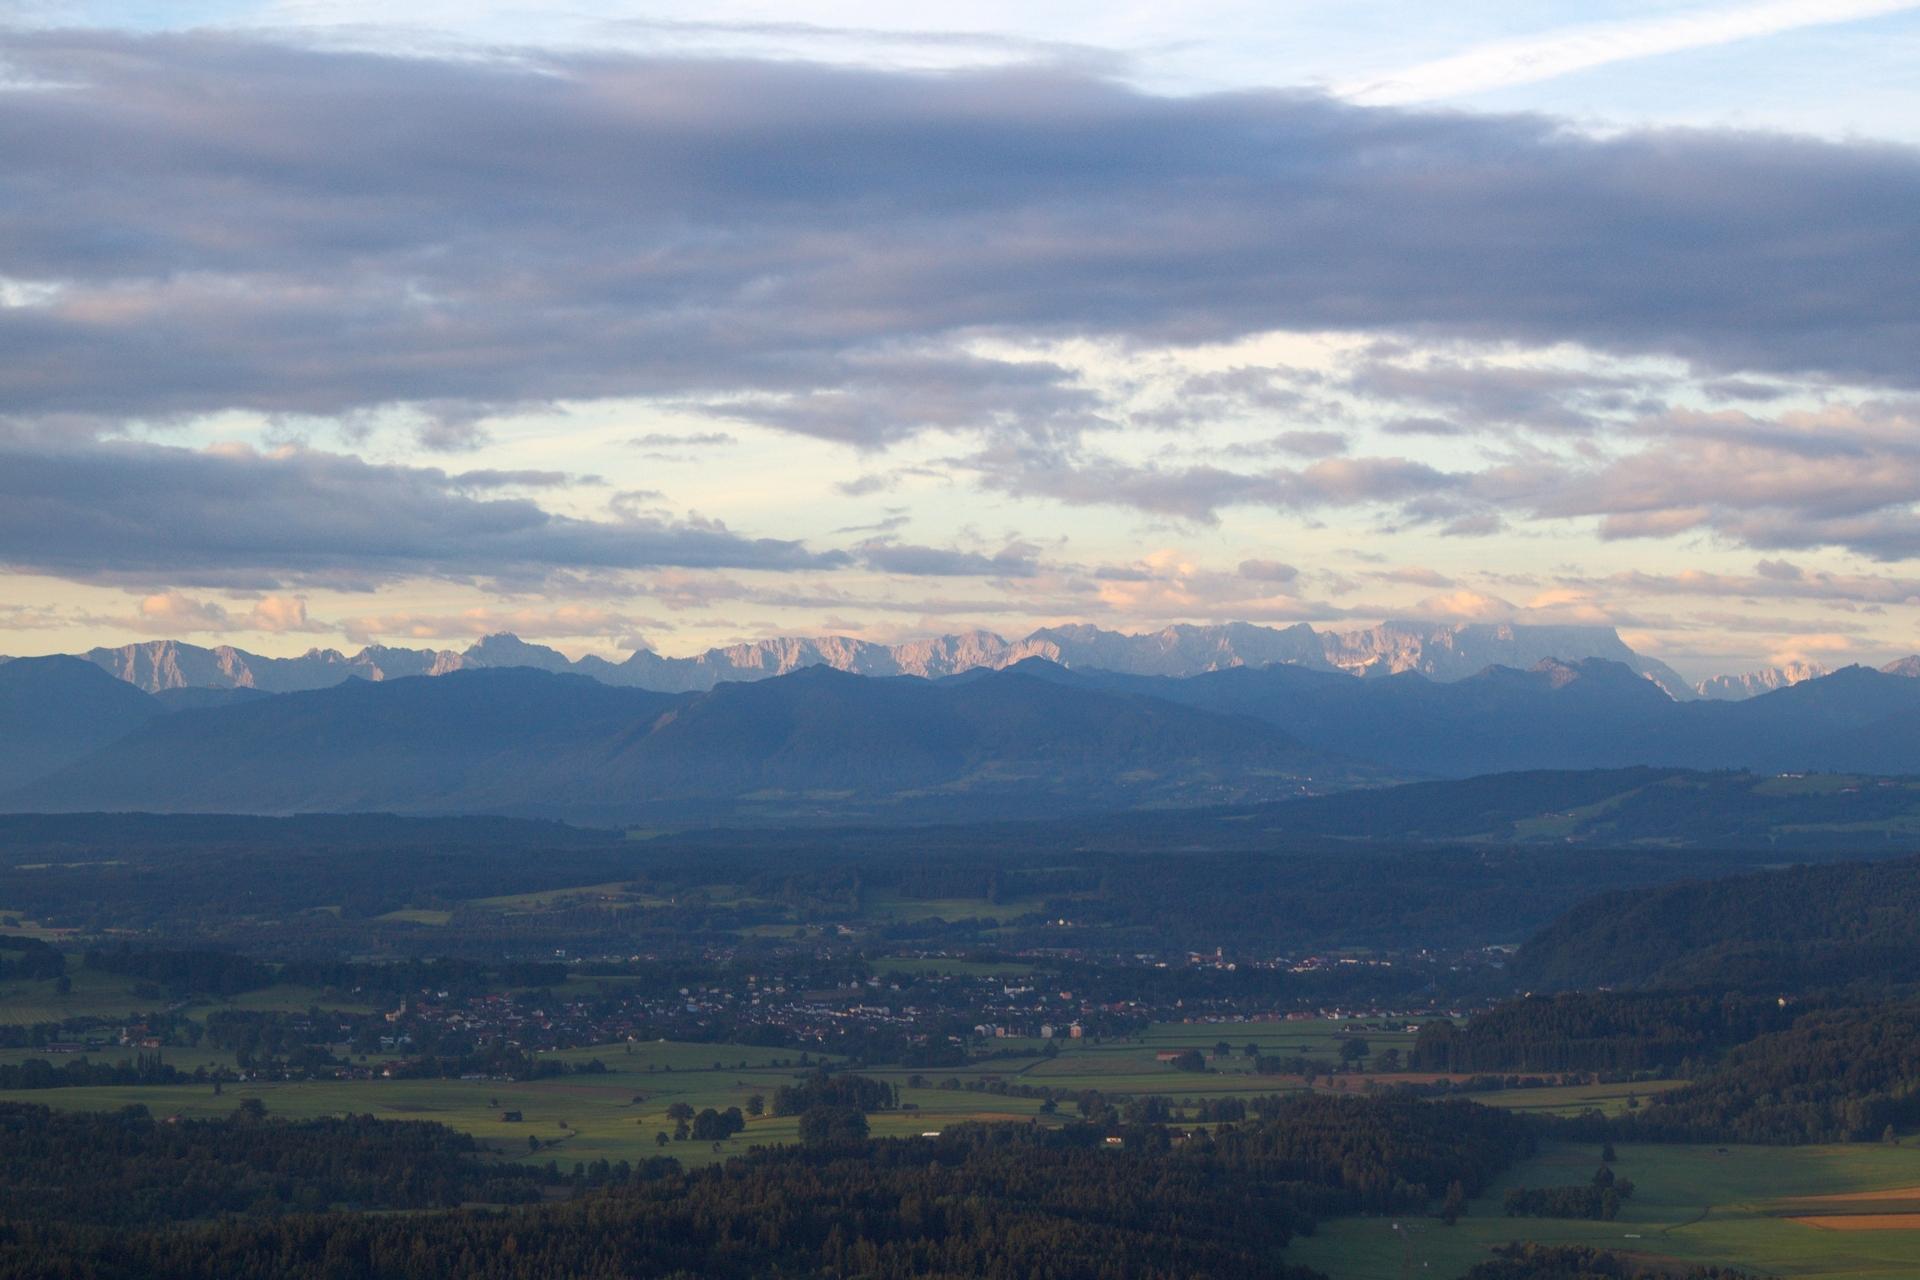 Die Sonne kommt - die Berge glühen